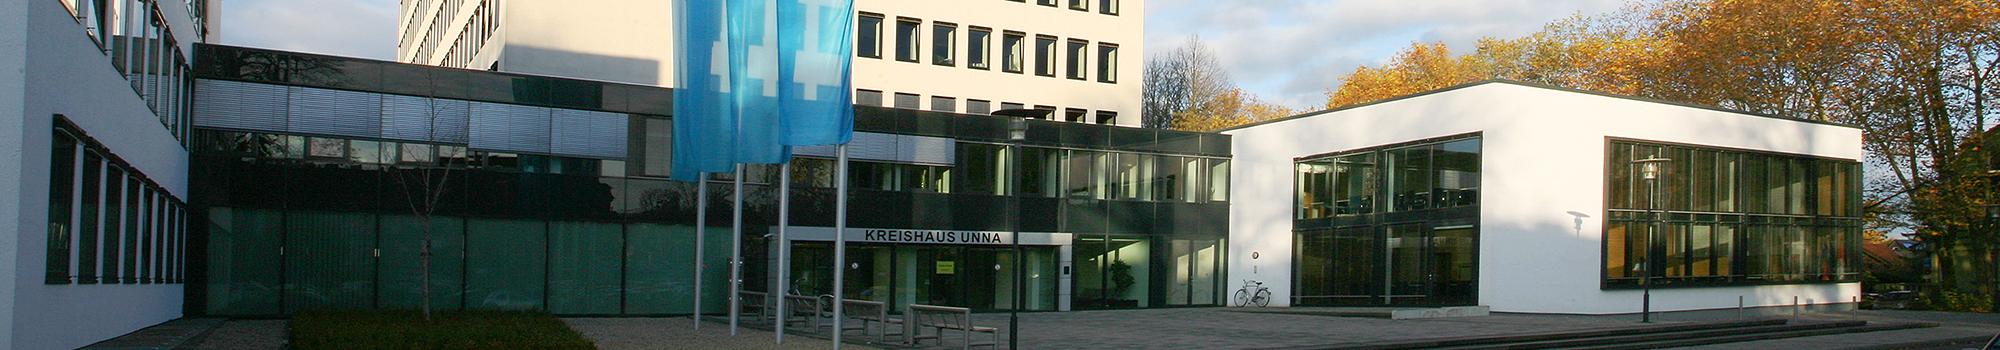 Referenzbericht Kreis Unna